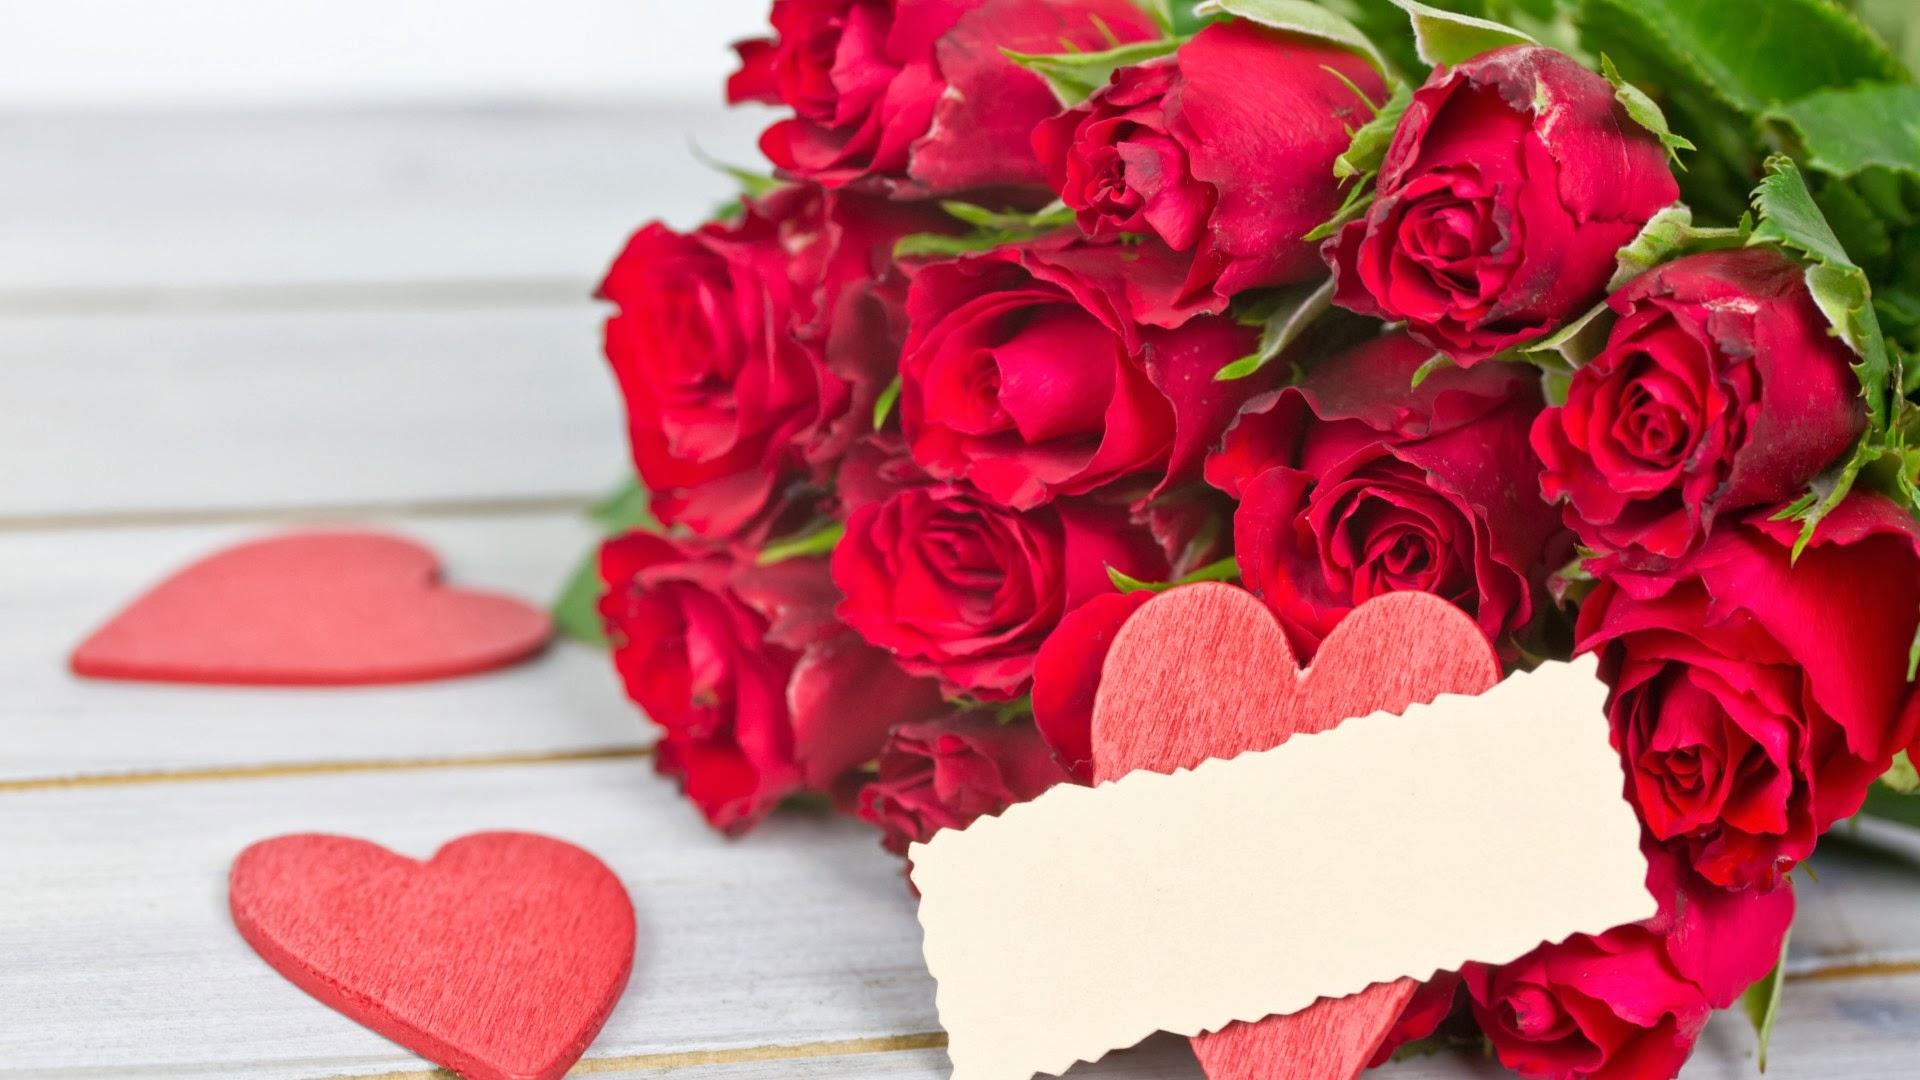 ramo de rosas azules y rojas Mundo Imágenes - Fotos De Ramos De Flores Rojas